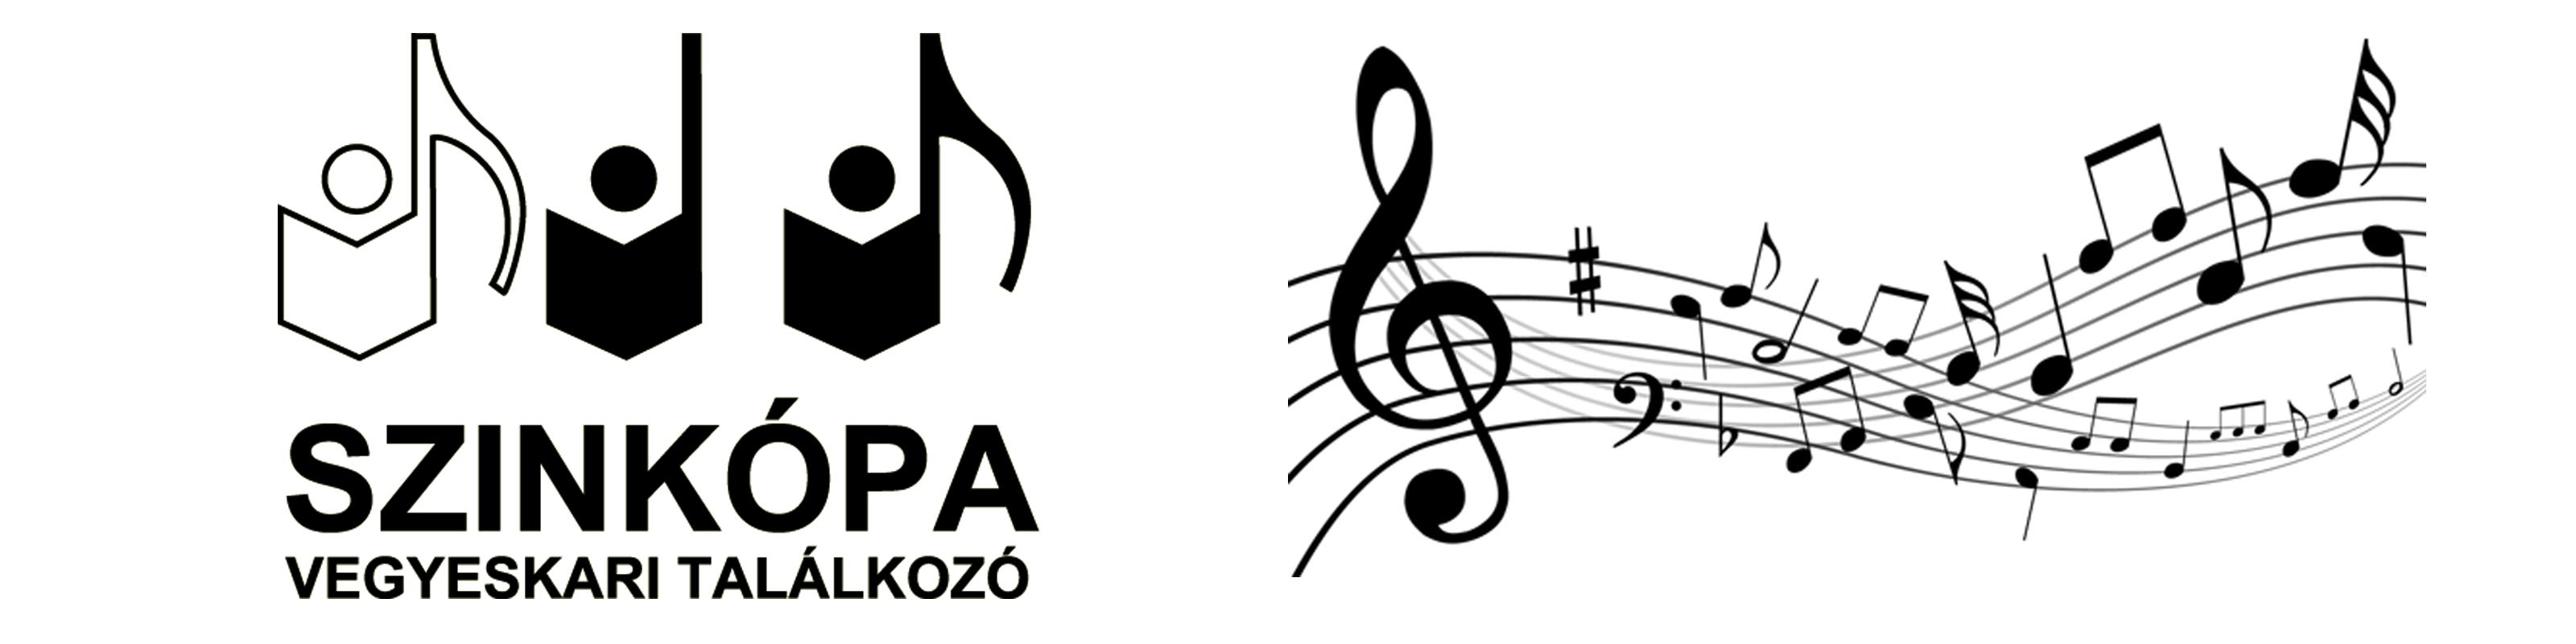 Szinkópa Vegyeskari Találkozó 2018